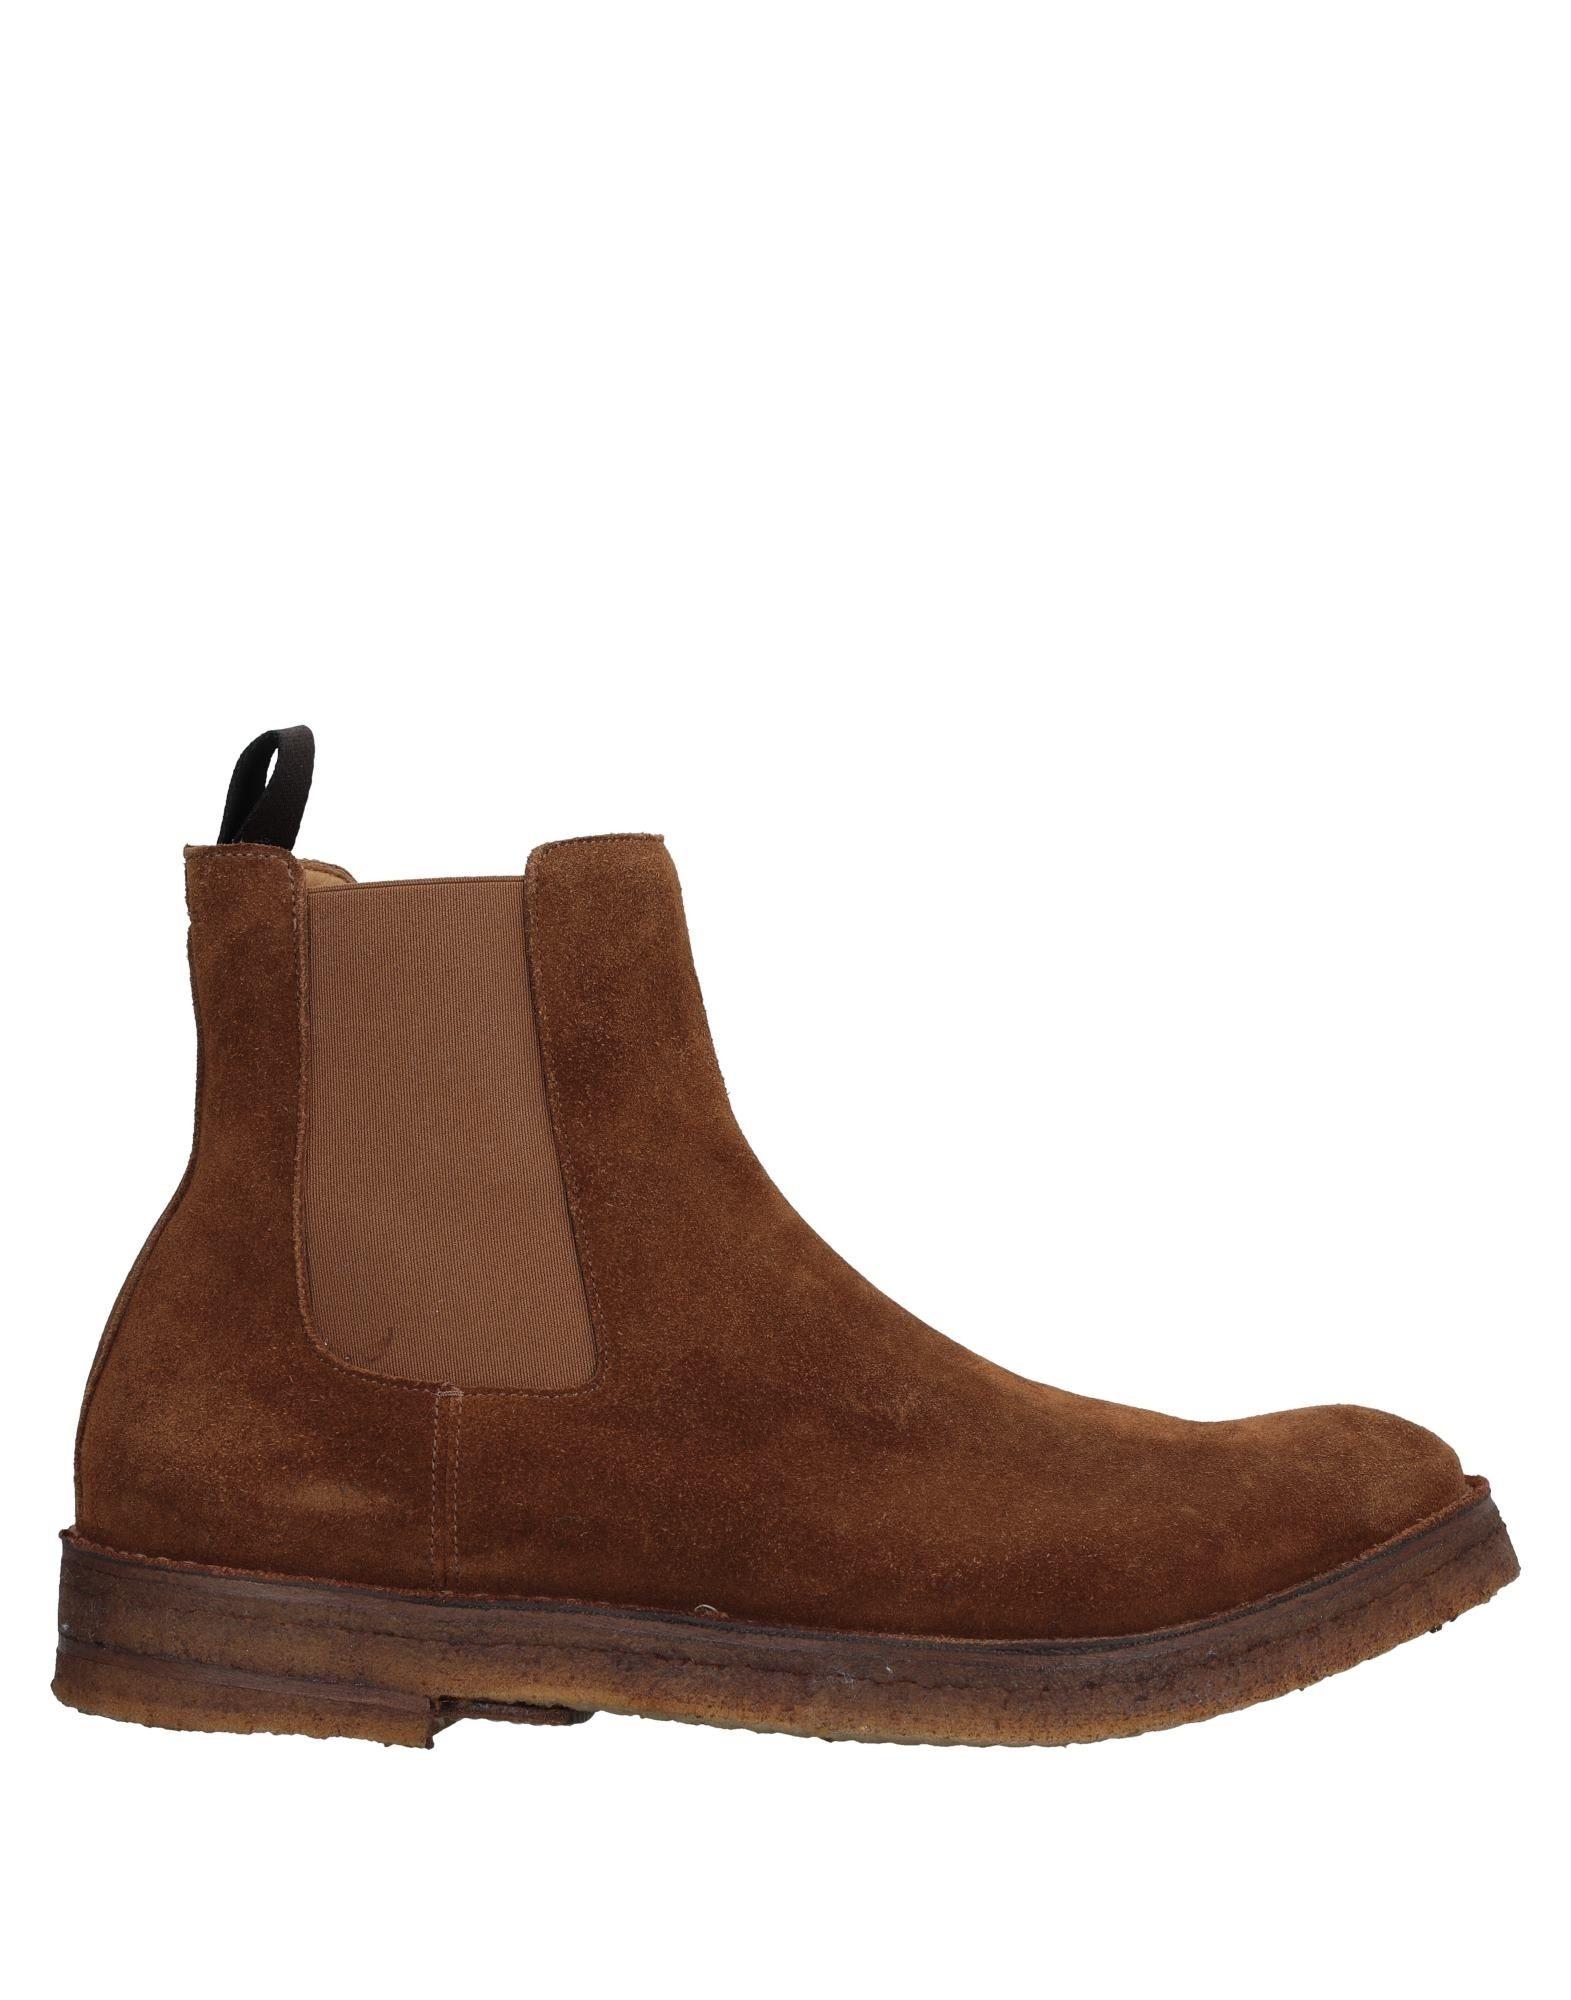 Officine Creative Italia Stiefelette Herren  11519324BN Gute Qualität beliebte Schuhe